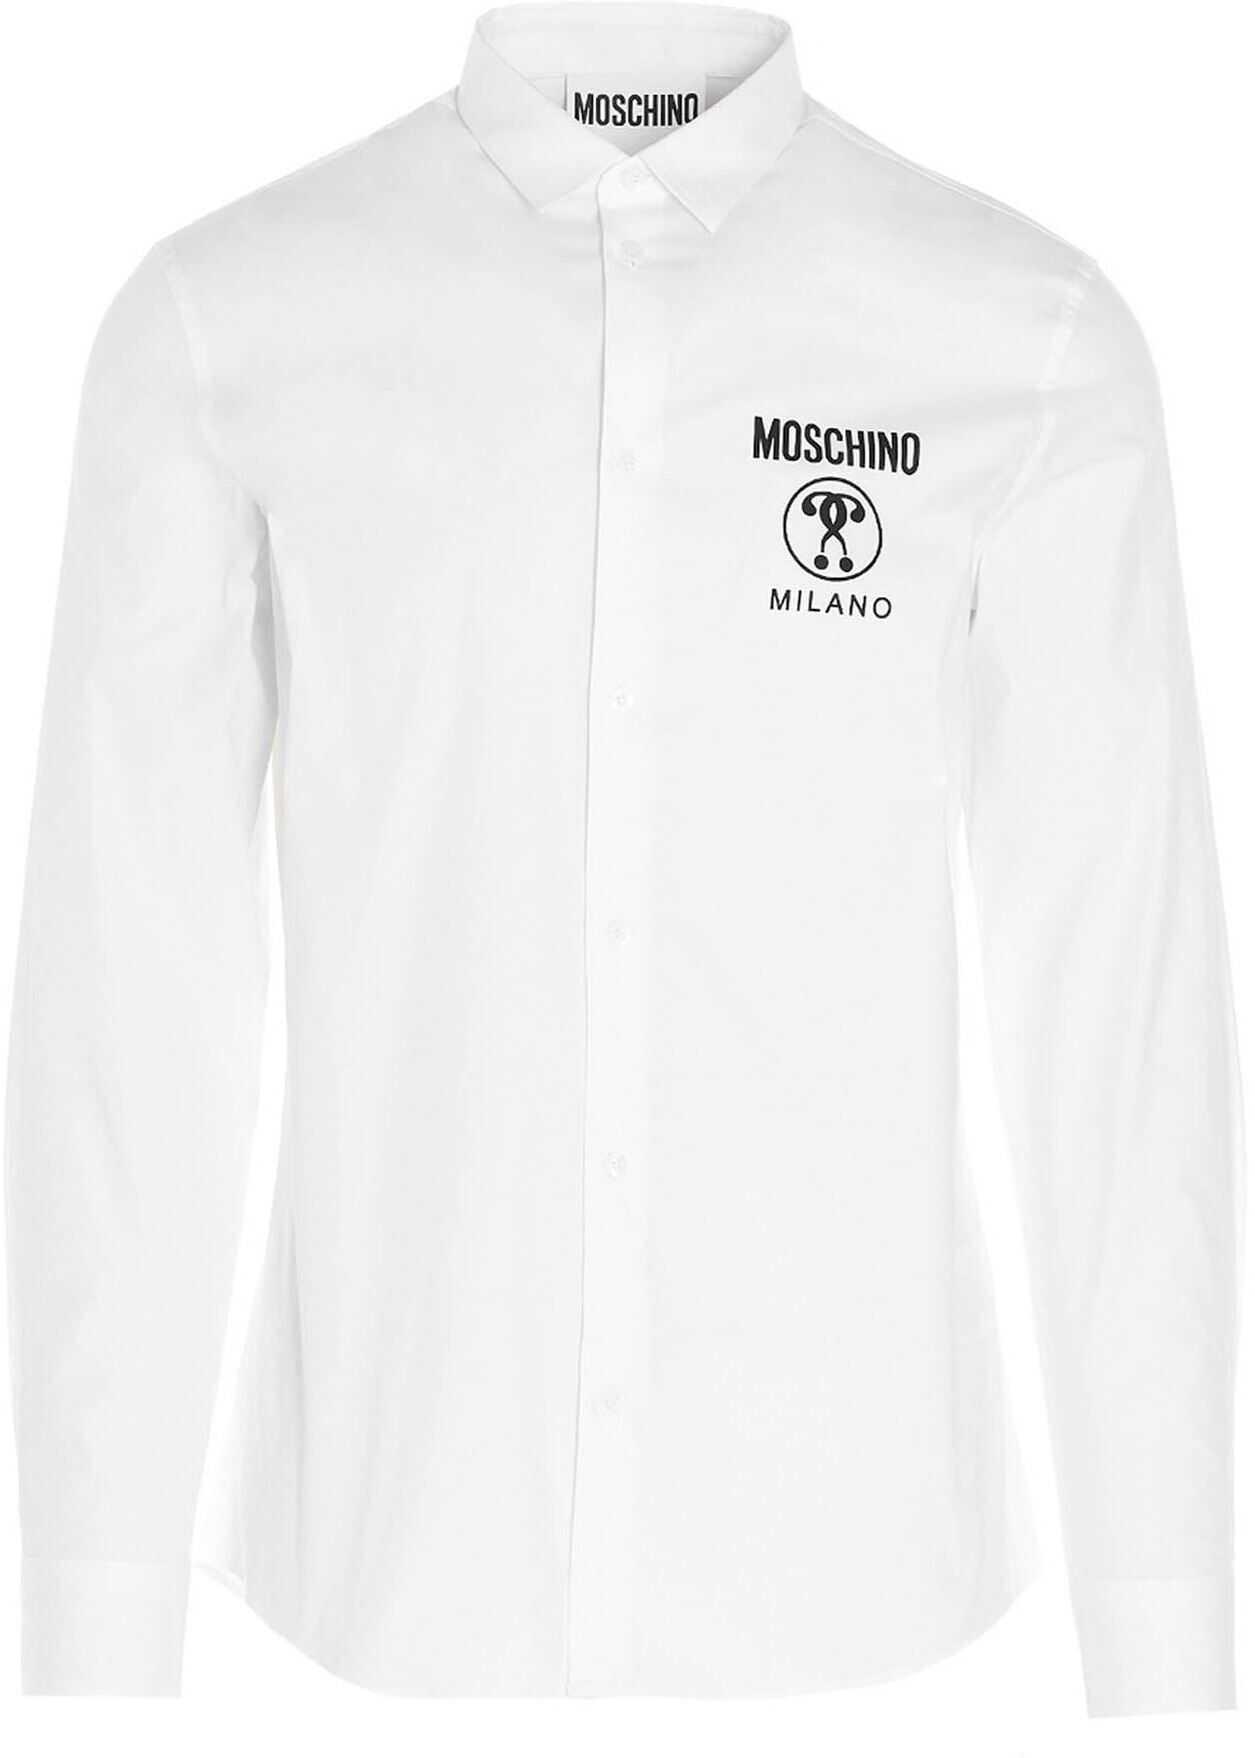 Moschino Logo Shirt In White White imagine